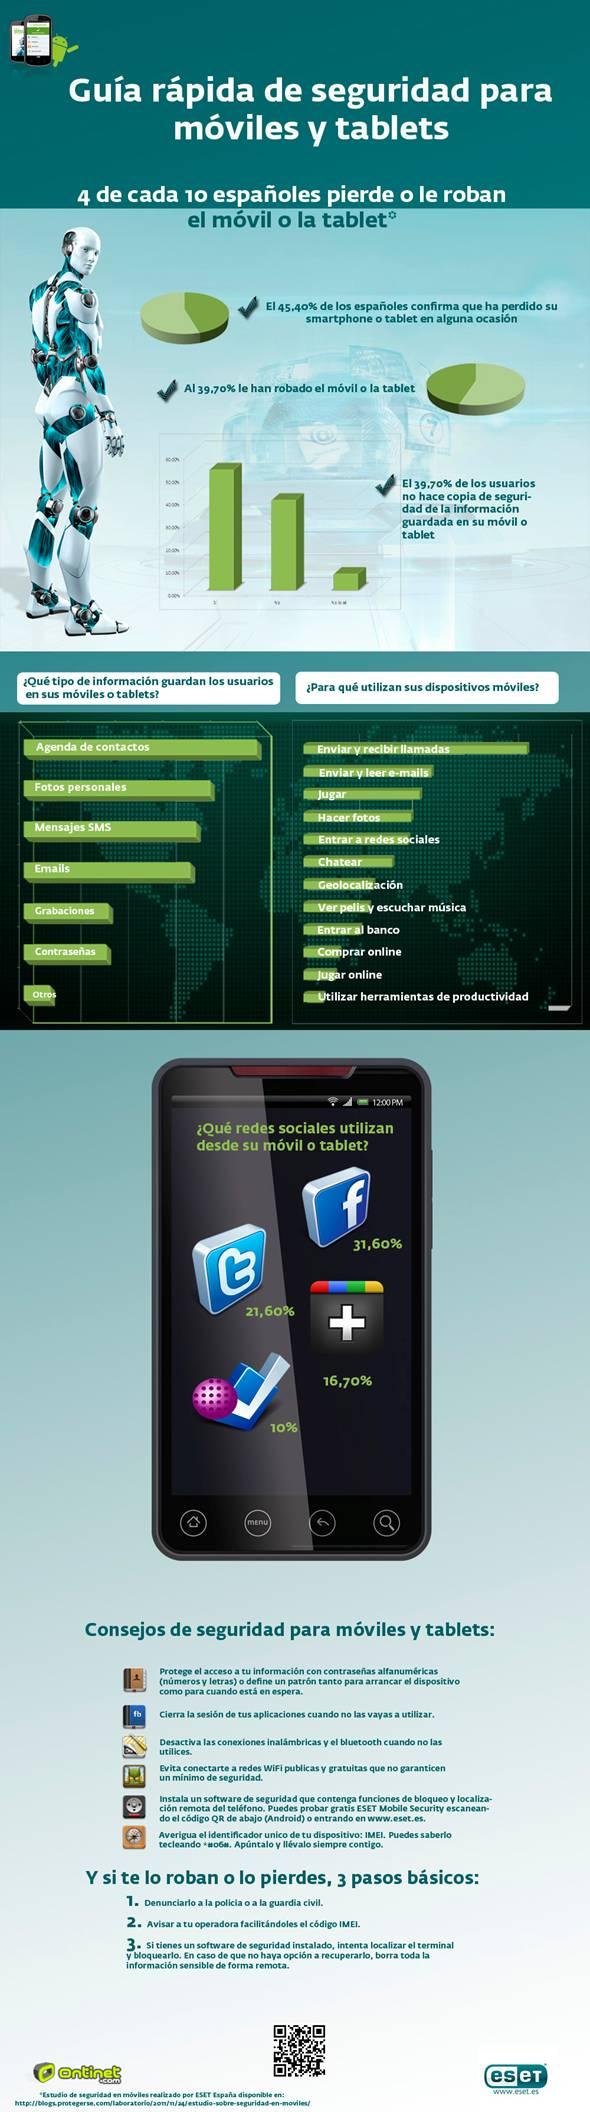 Consejos básicos ESET de seguridad en móviles y tabletas 51